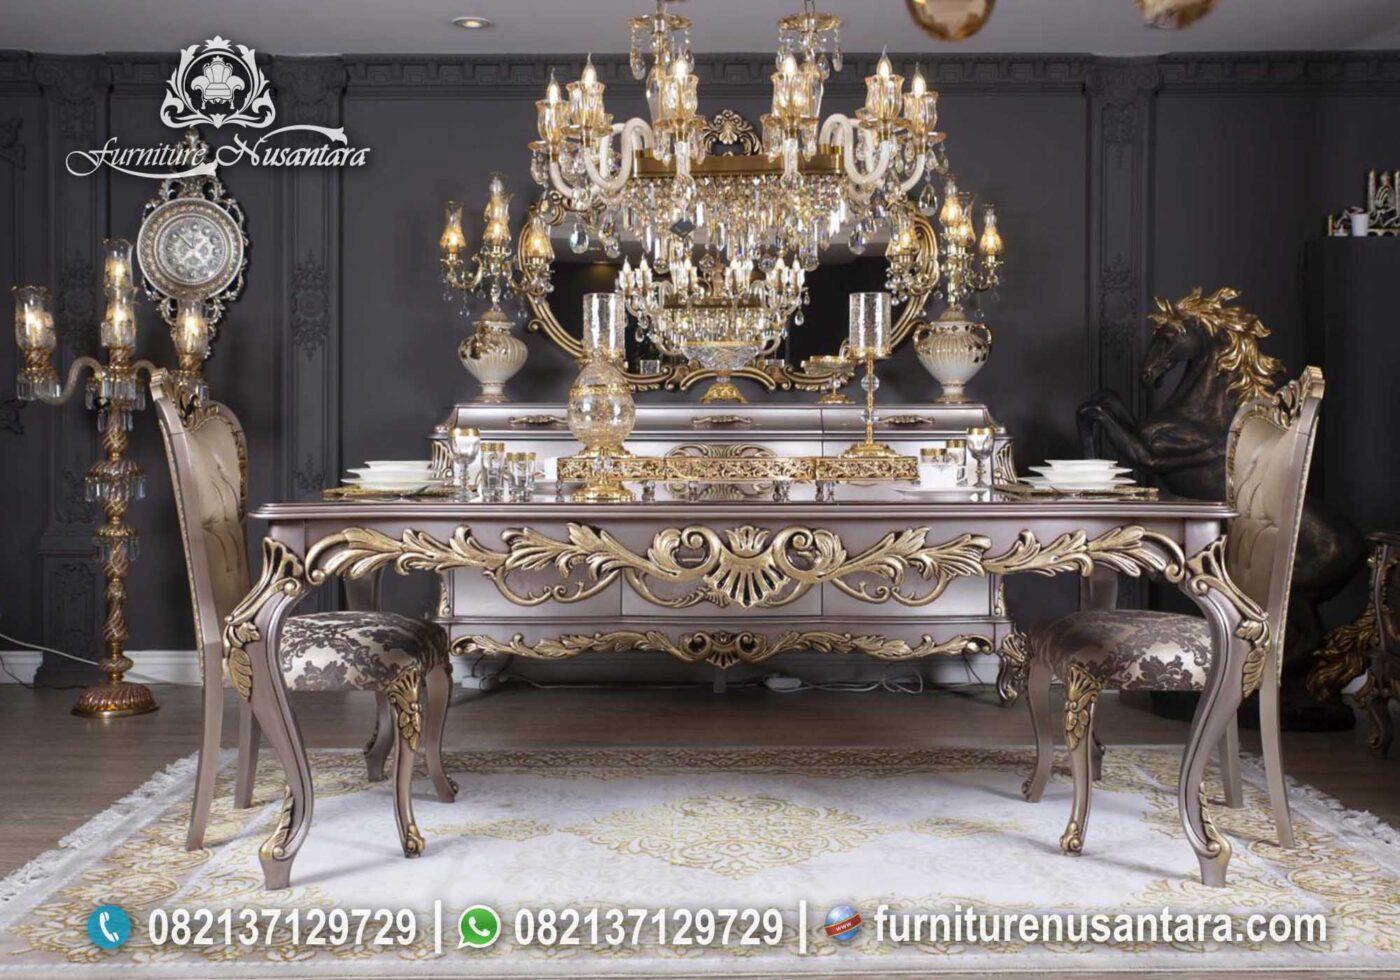 Jual Meja Makan Ukir Jepara Terbaru MM-22, Furniture Nusantara